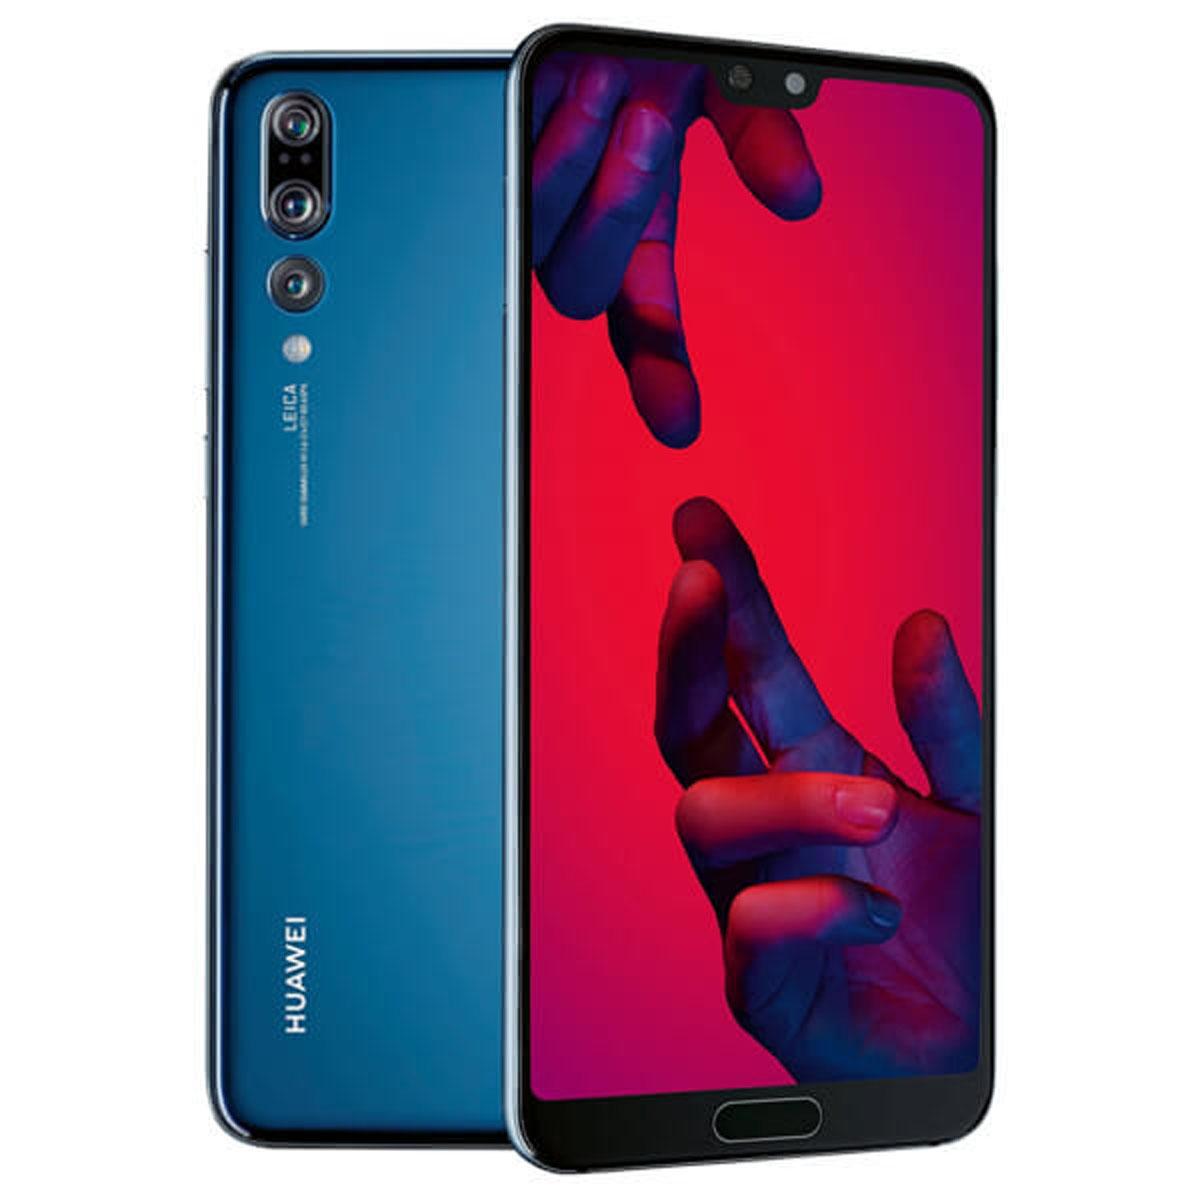 Huawei p20 pro 6gb/128gb azul single